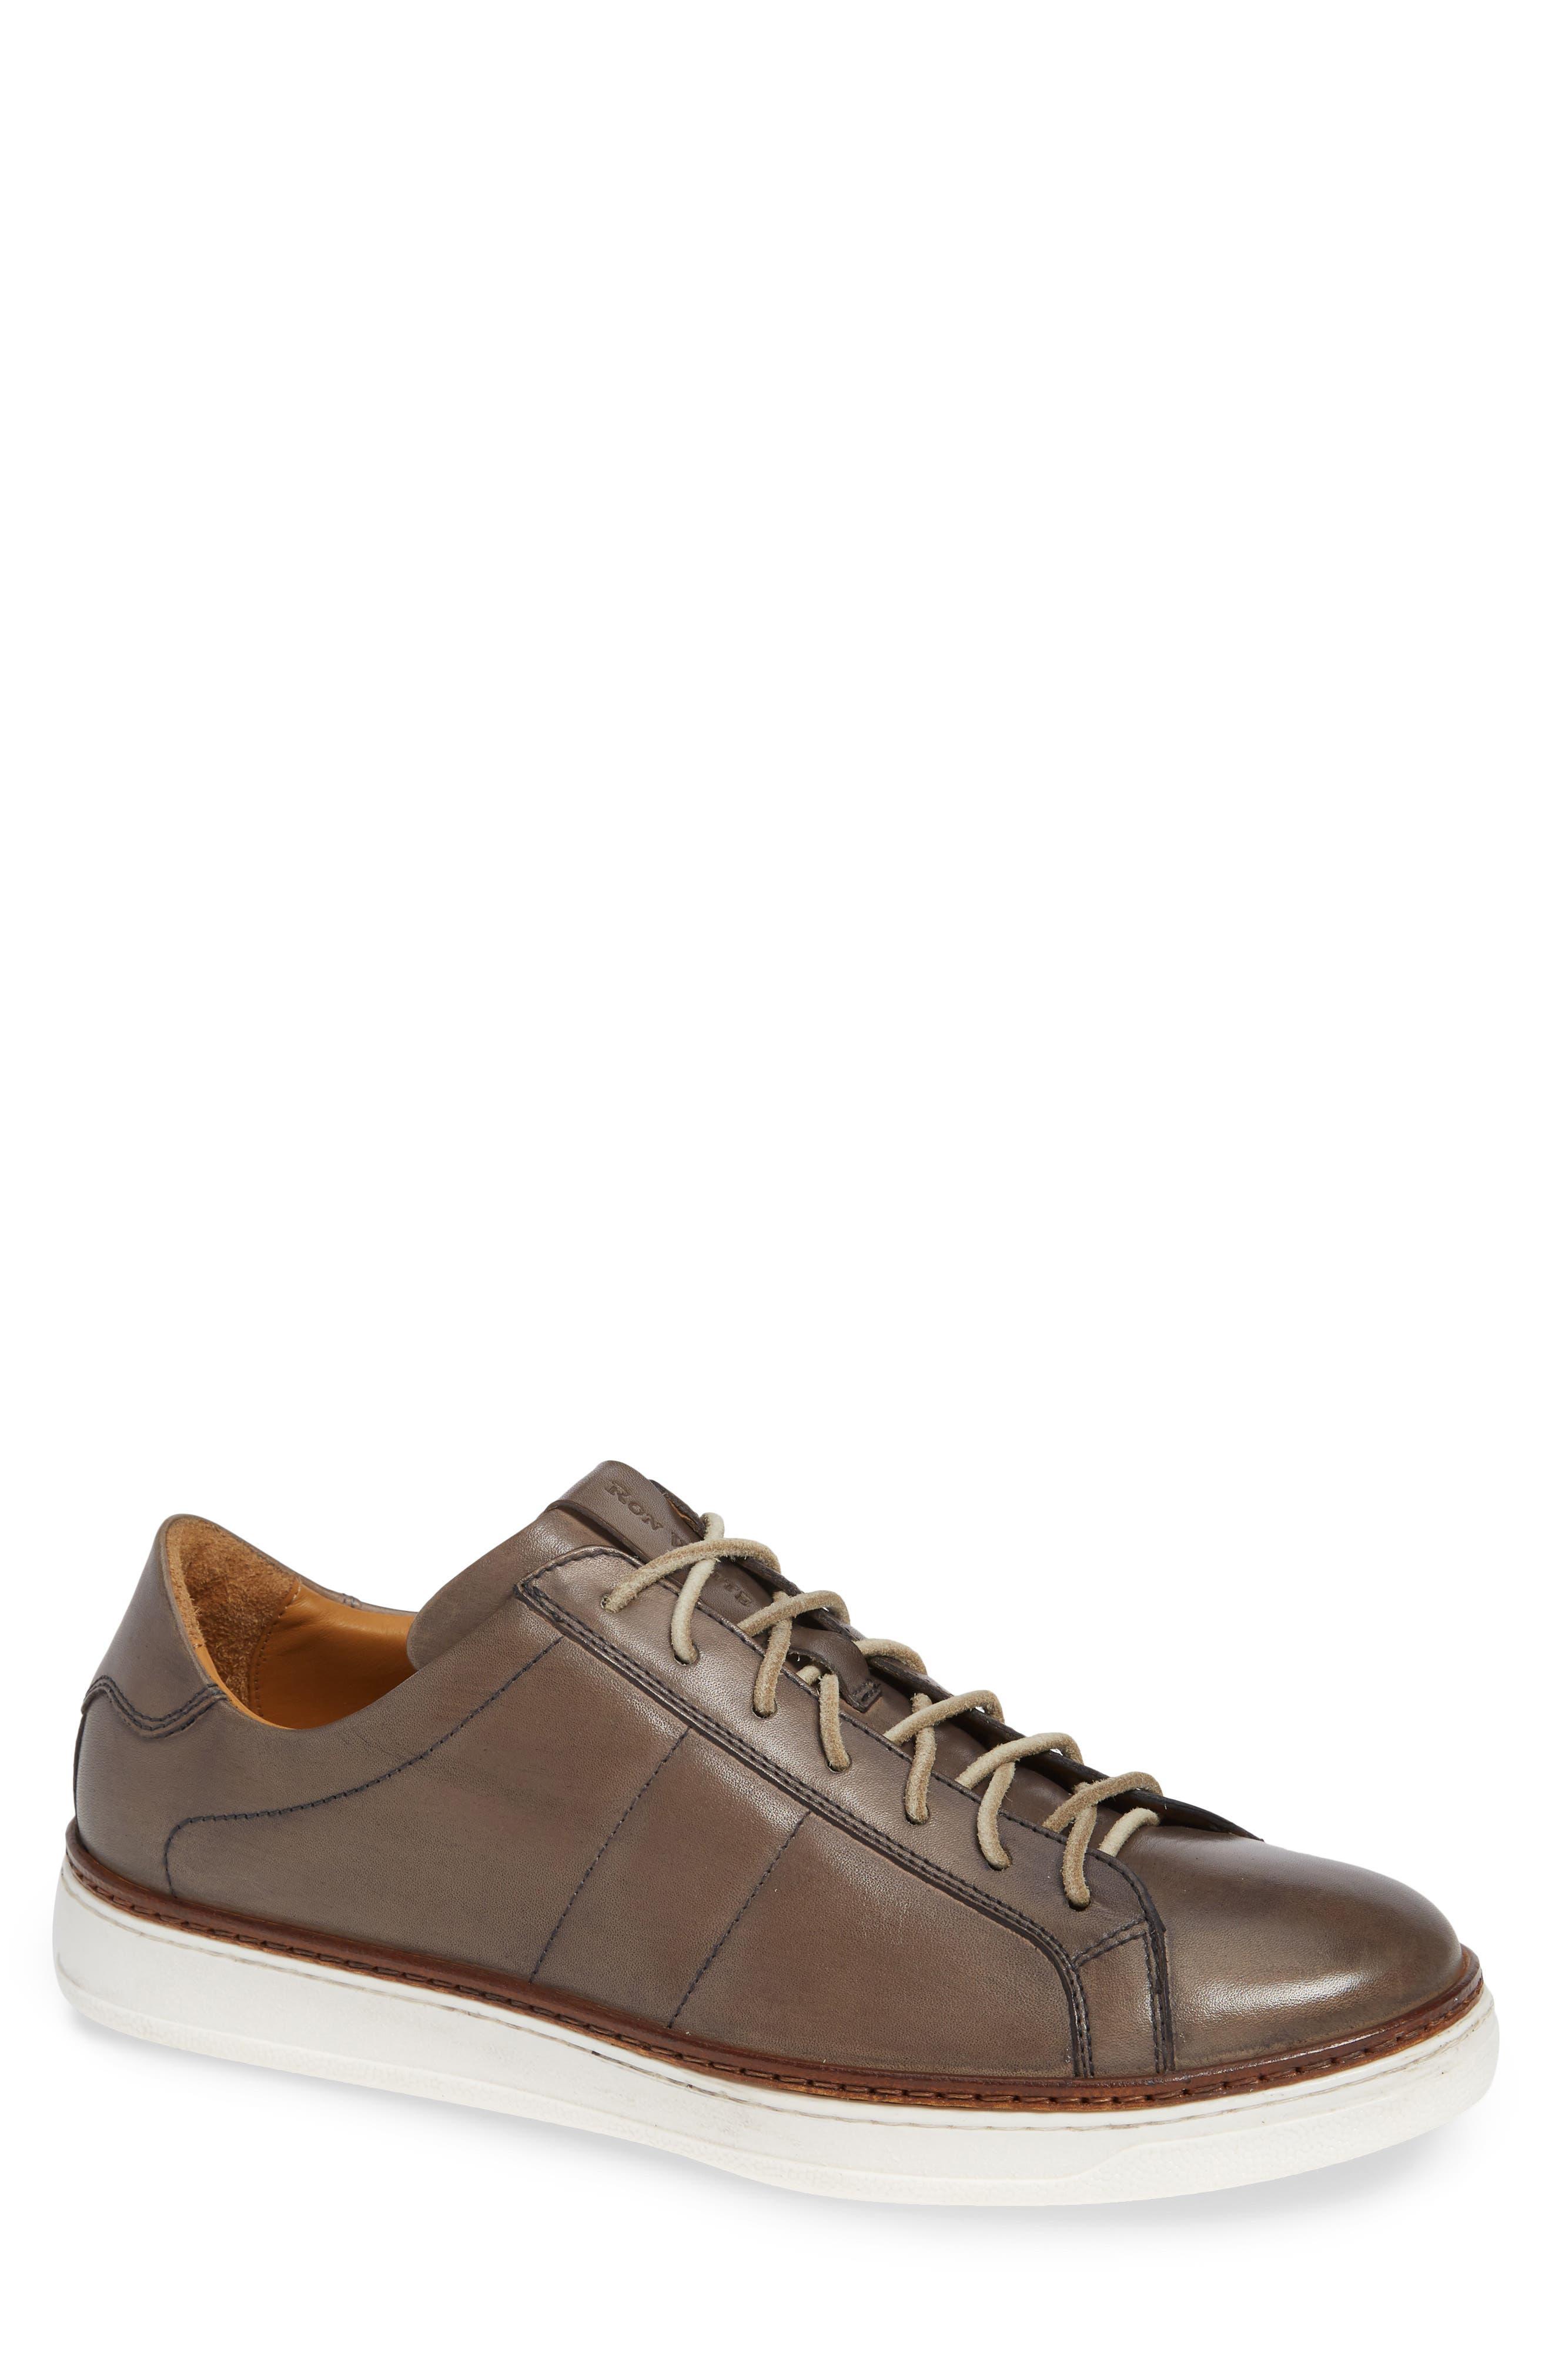 RON WHITE, Dolan Sneaker, Main thumbnail 1, color, 200